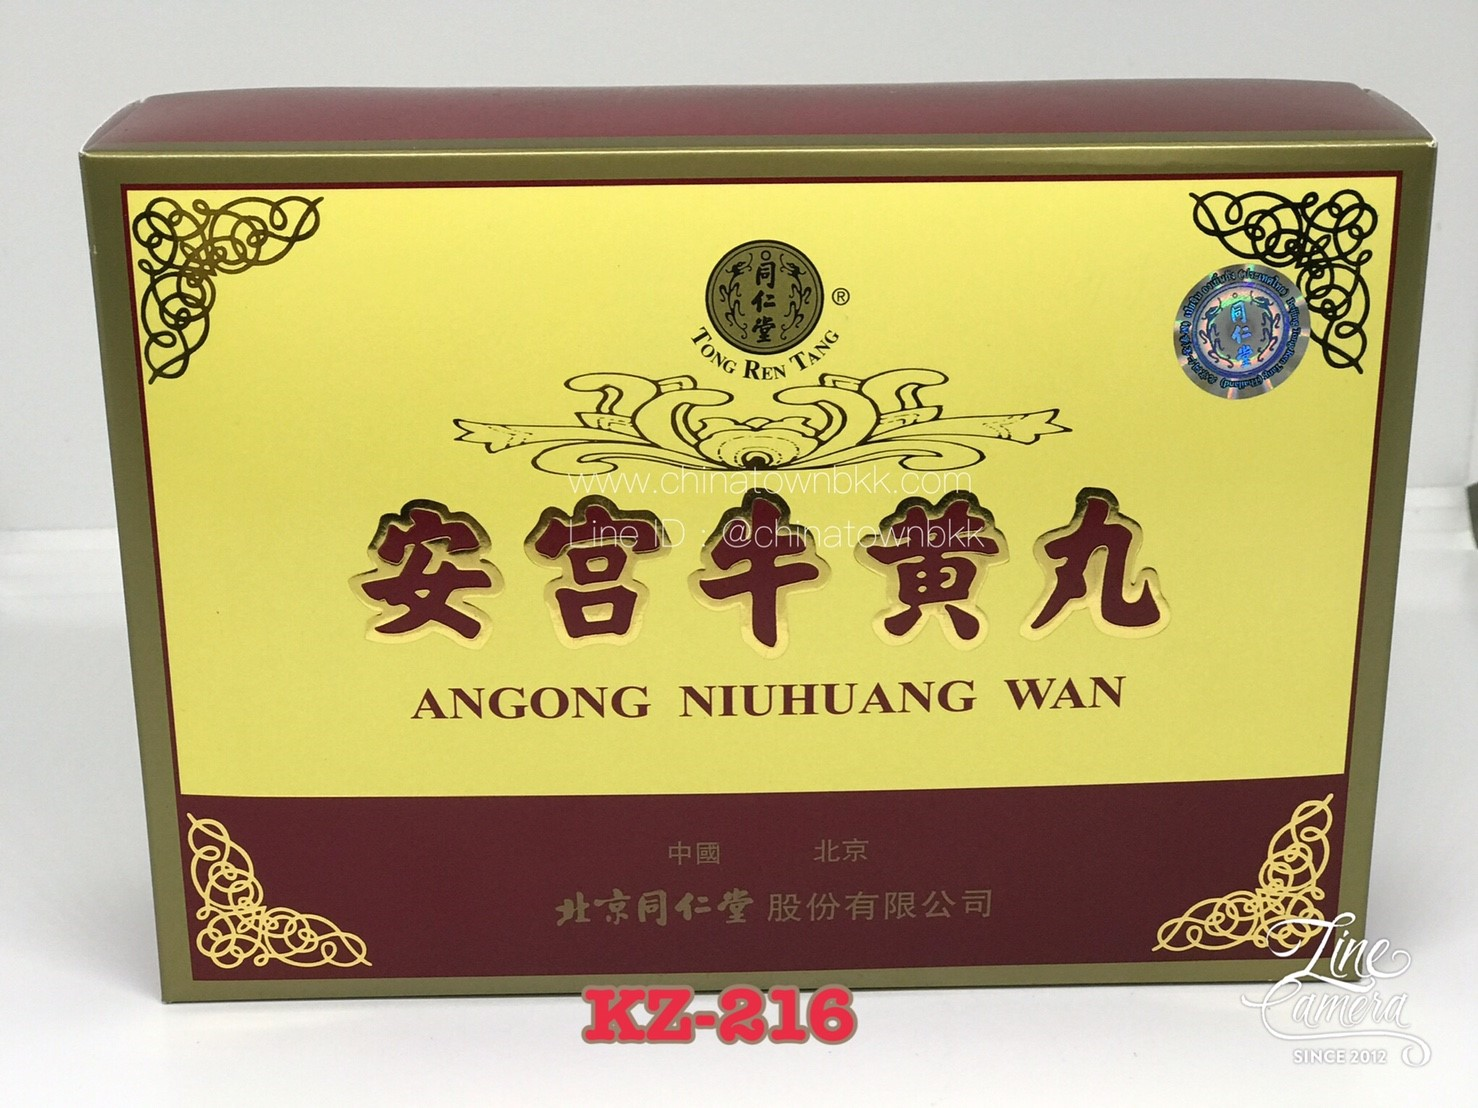 อังเก็งงู้อึ้งอี้ (Angong Niuhuang Wan)